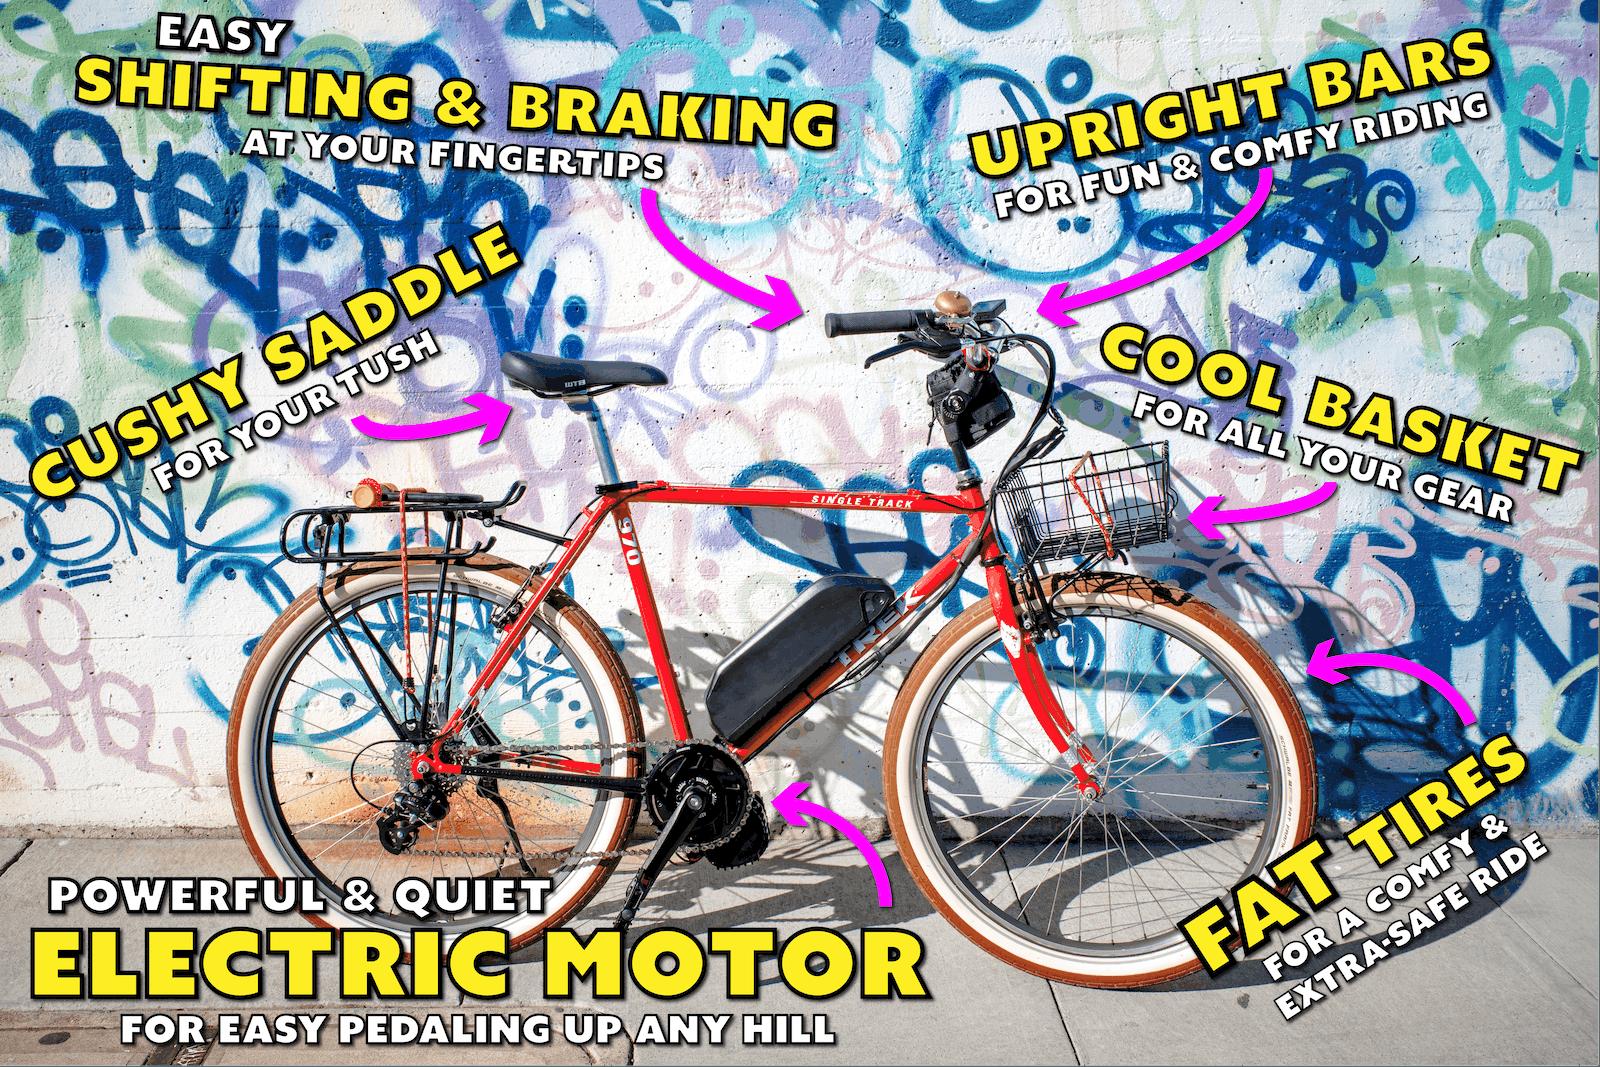 San Francisco Electric Bike